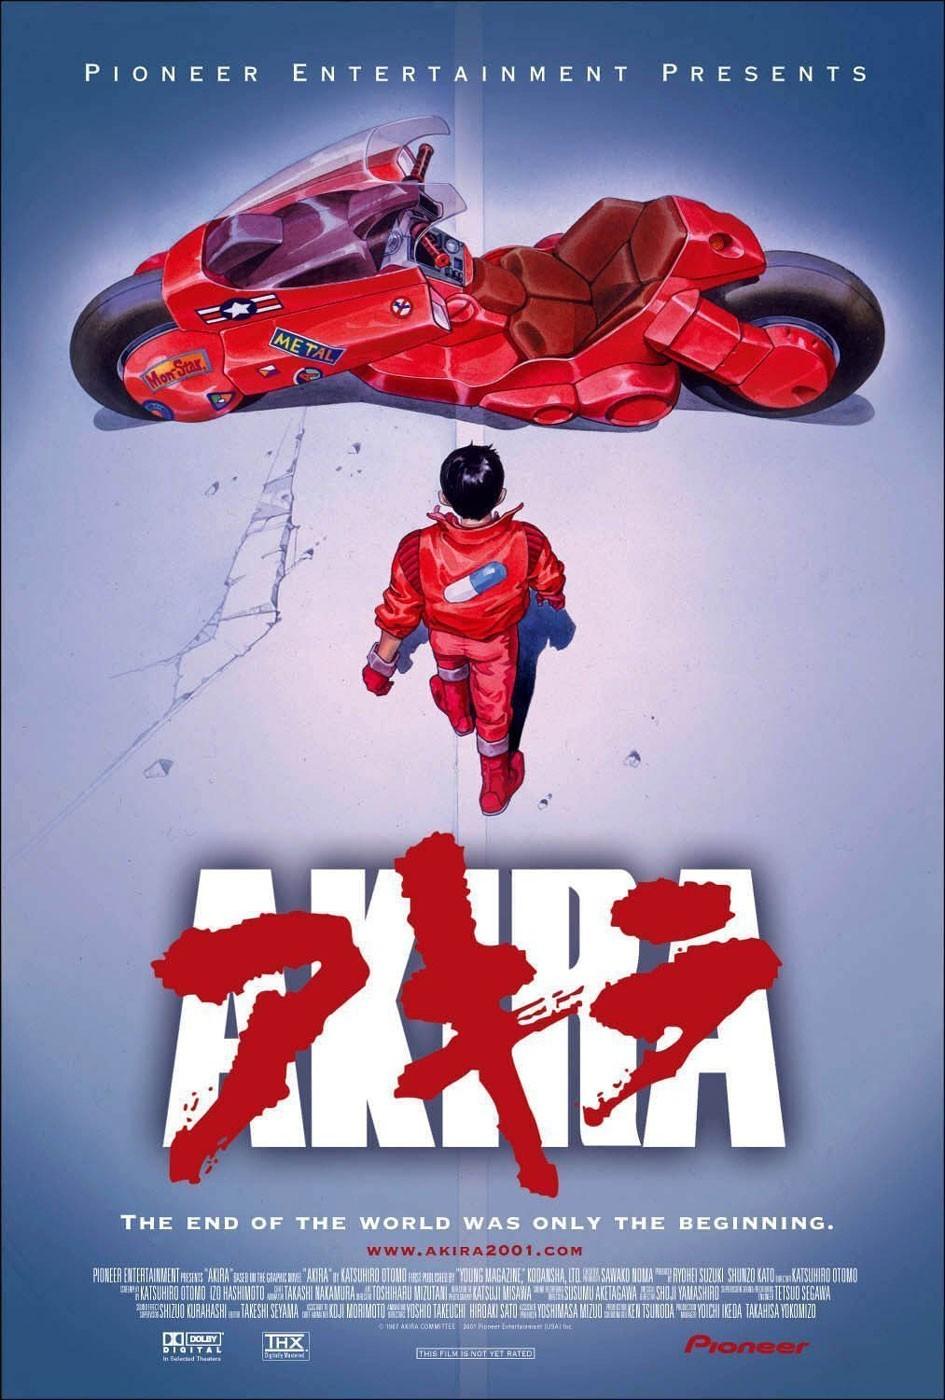 Akira - Katsuhiro Ôtomo (1988)